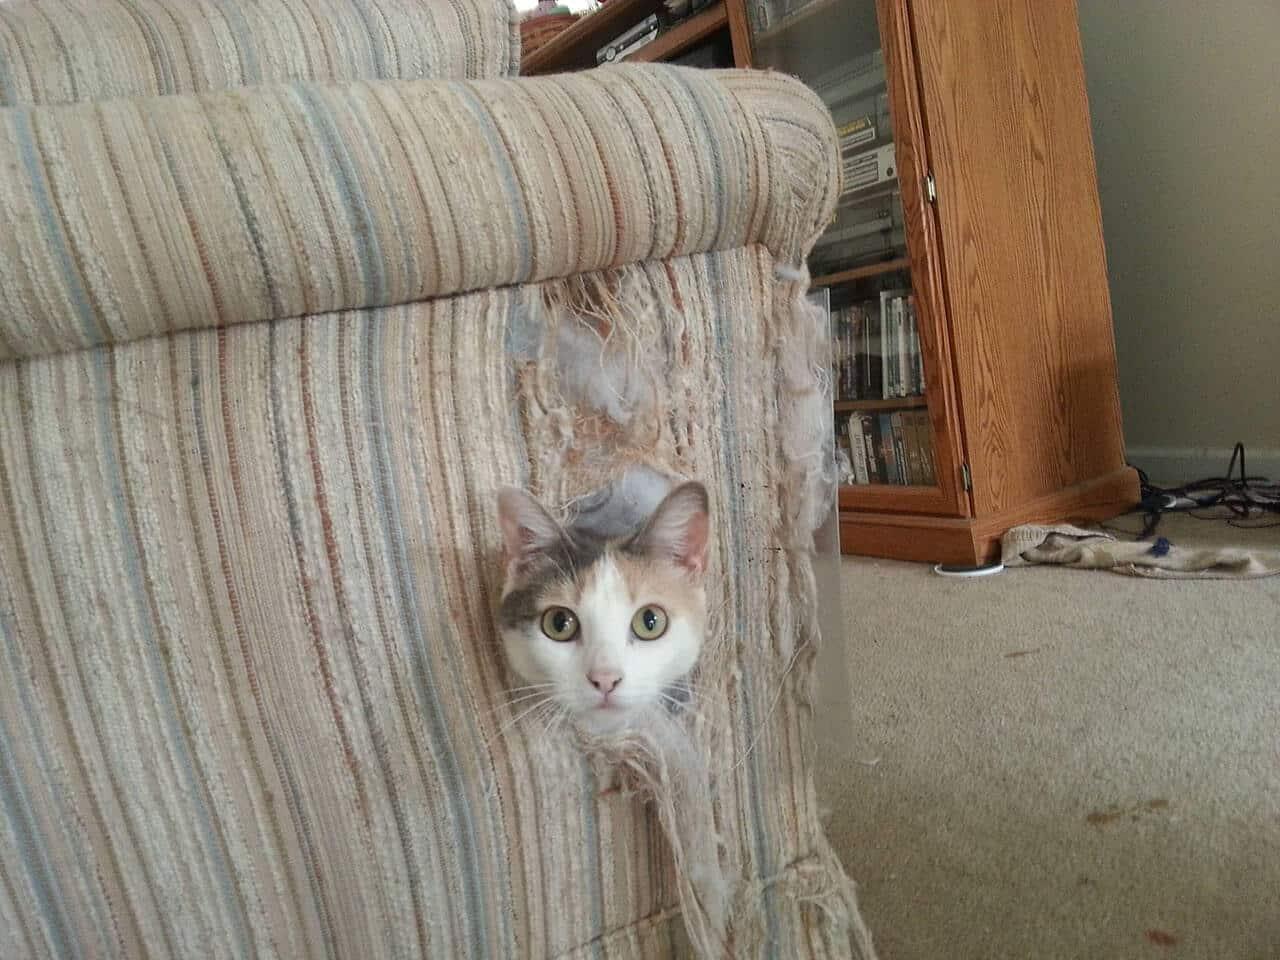 Как отучить кошку драть обои и мебель: практические советы